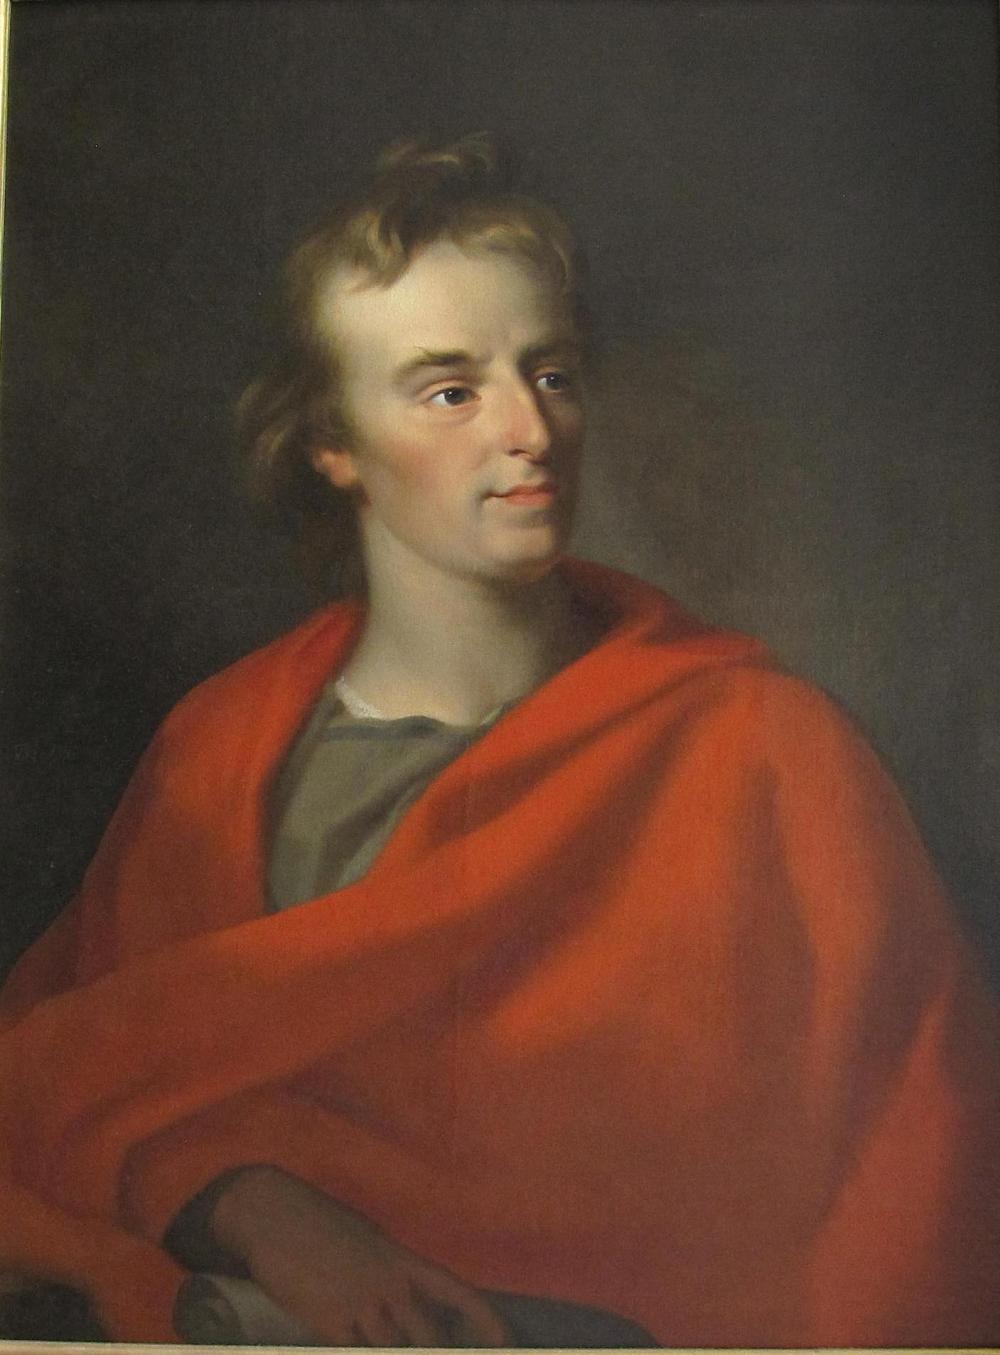 Сокровища Эрмитажа. Тишбейн, Иоганн Фридрих Аугуст (1750 — 1812) | Мужской портрет